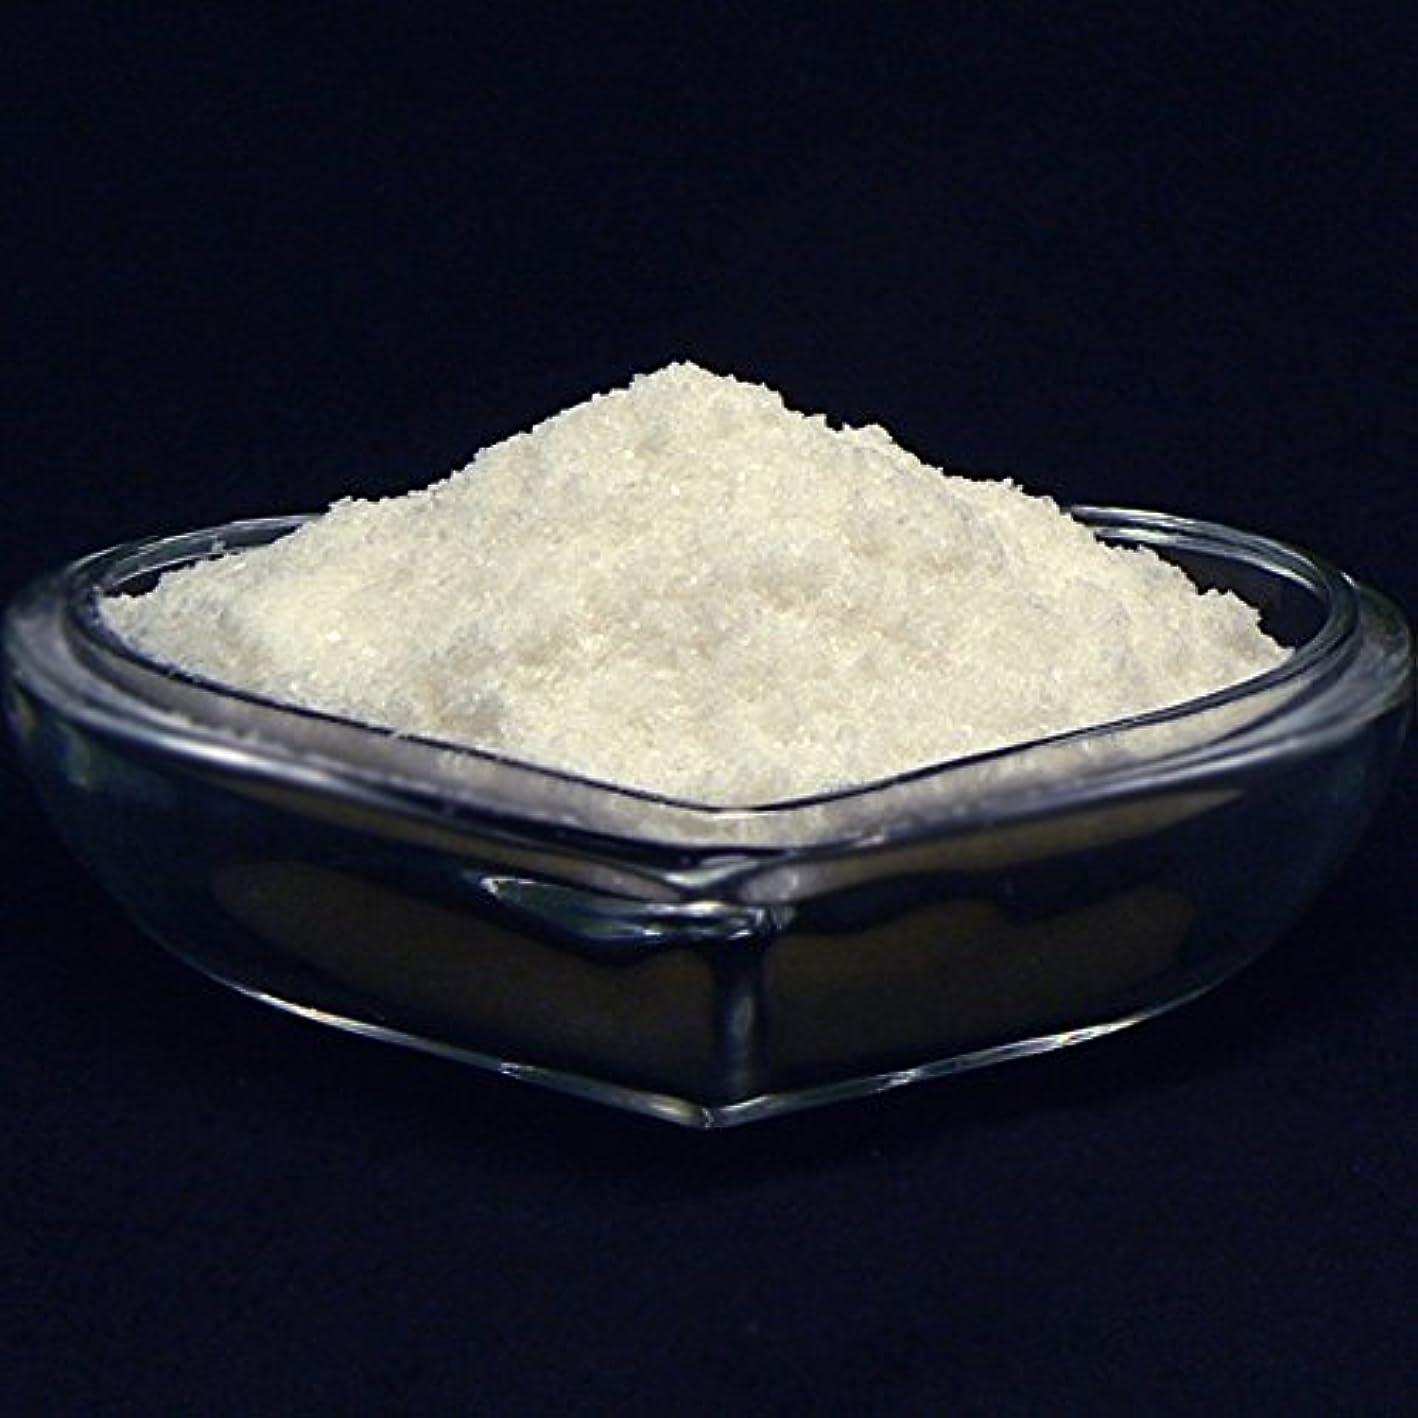 ひいきにする許されるオークランドヒマラヤ岩塩 クリスタルソルト 入浴用 バスソルト(パウダー)白岩塩 (1kg+250g増量)